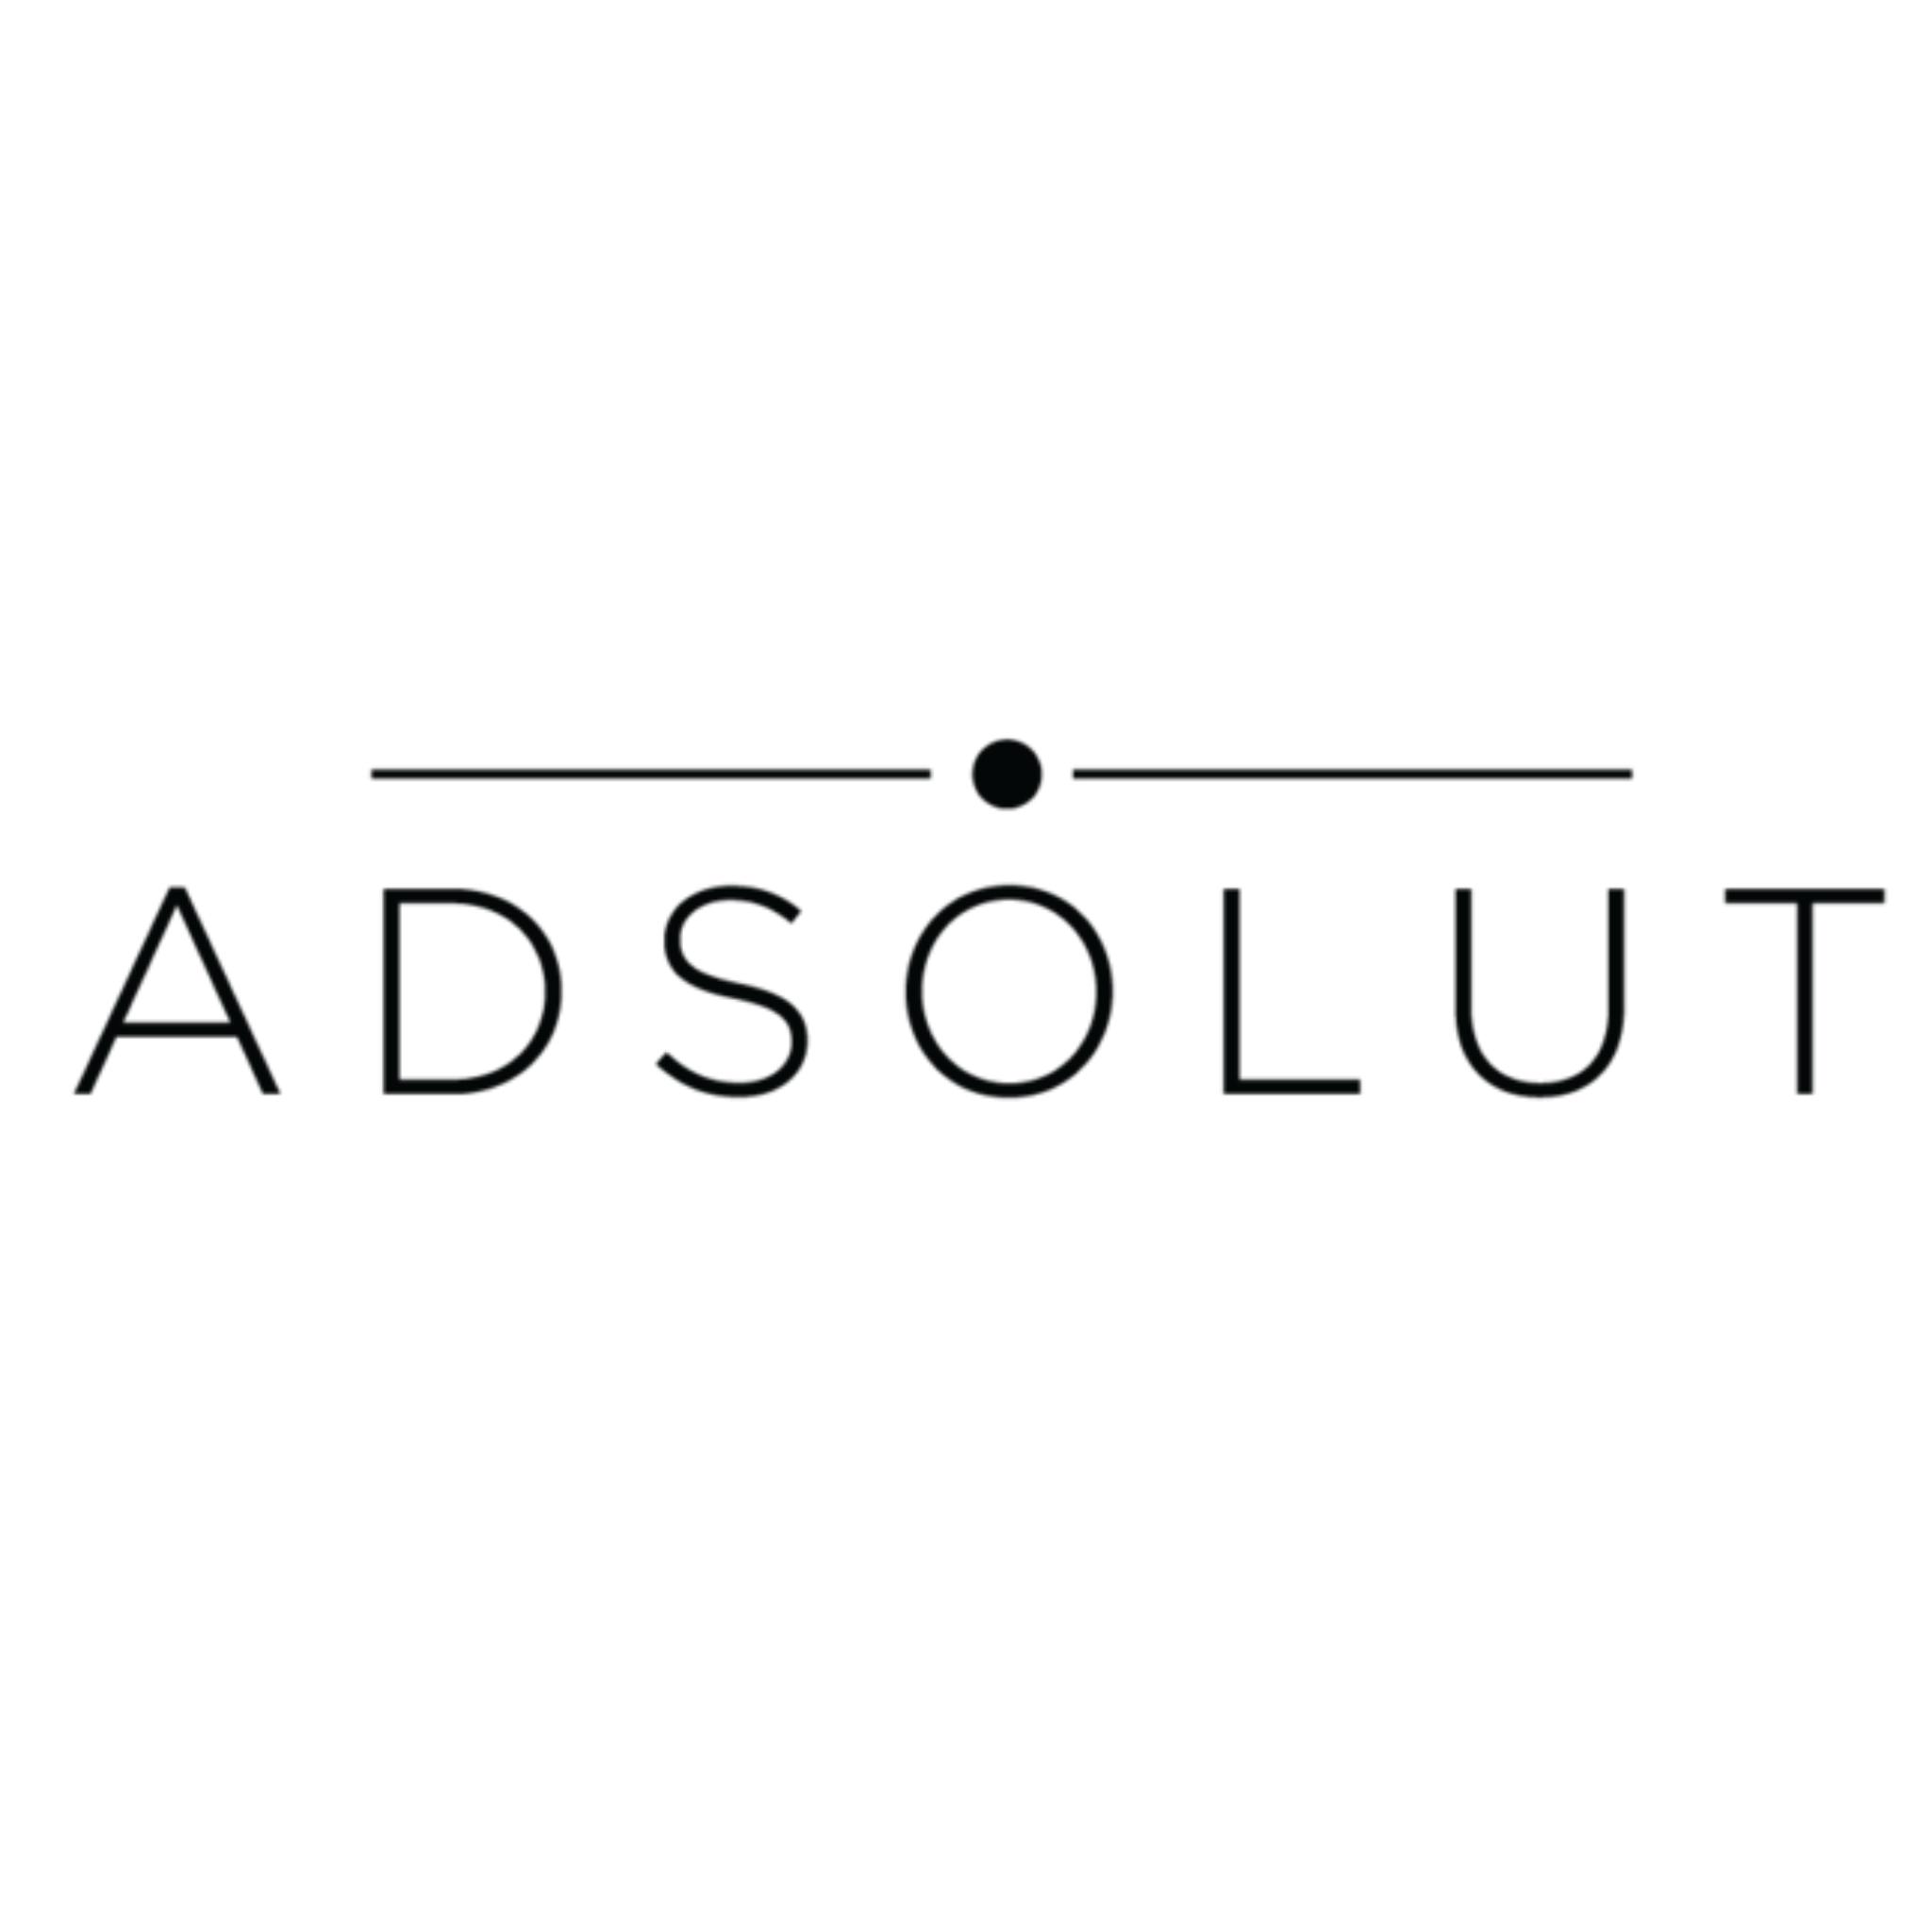 ADSOLUT logo